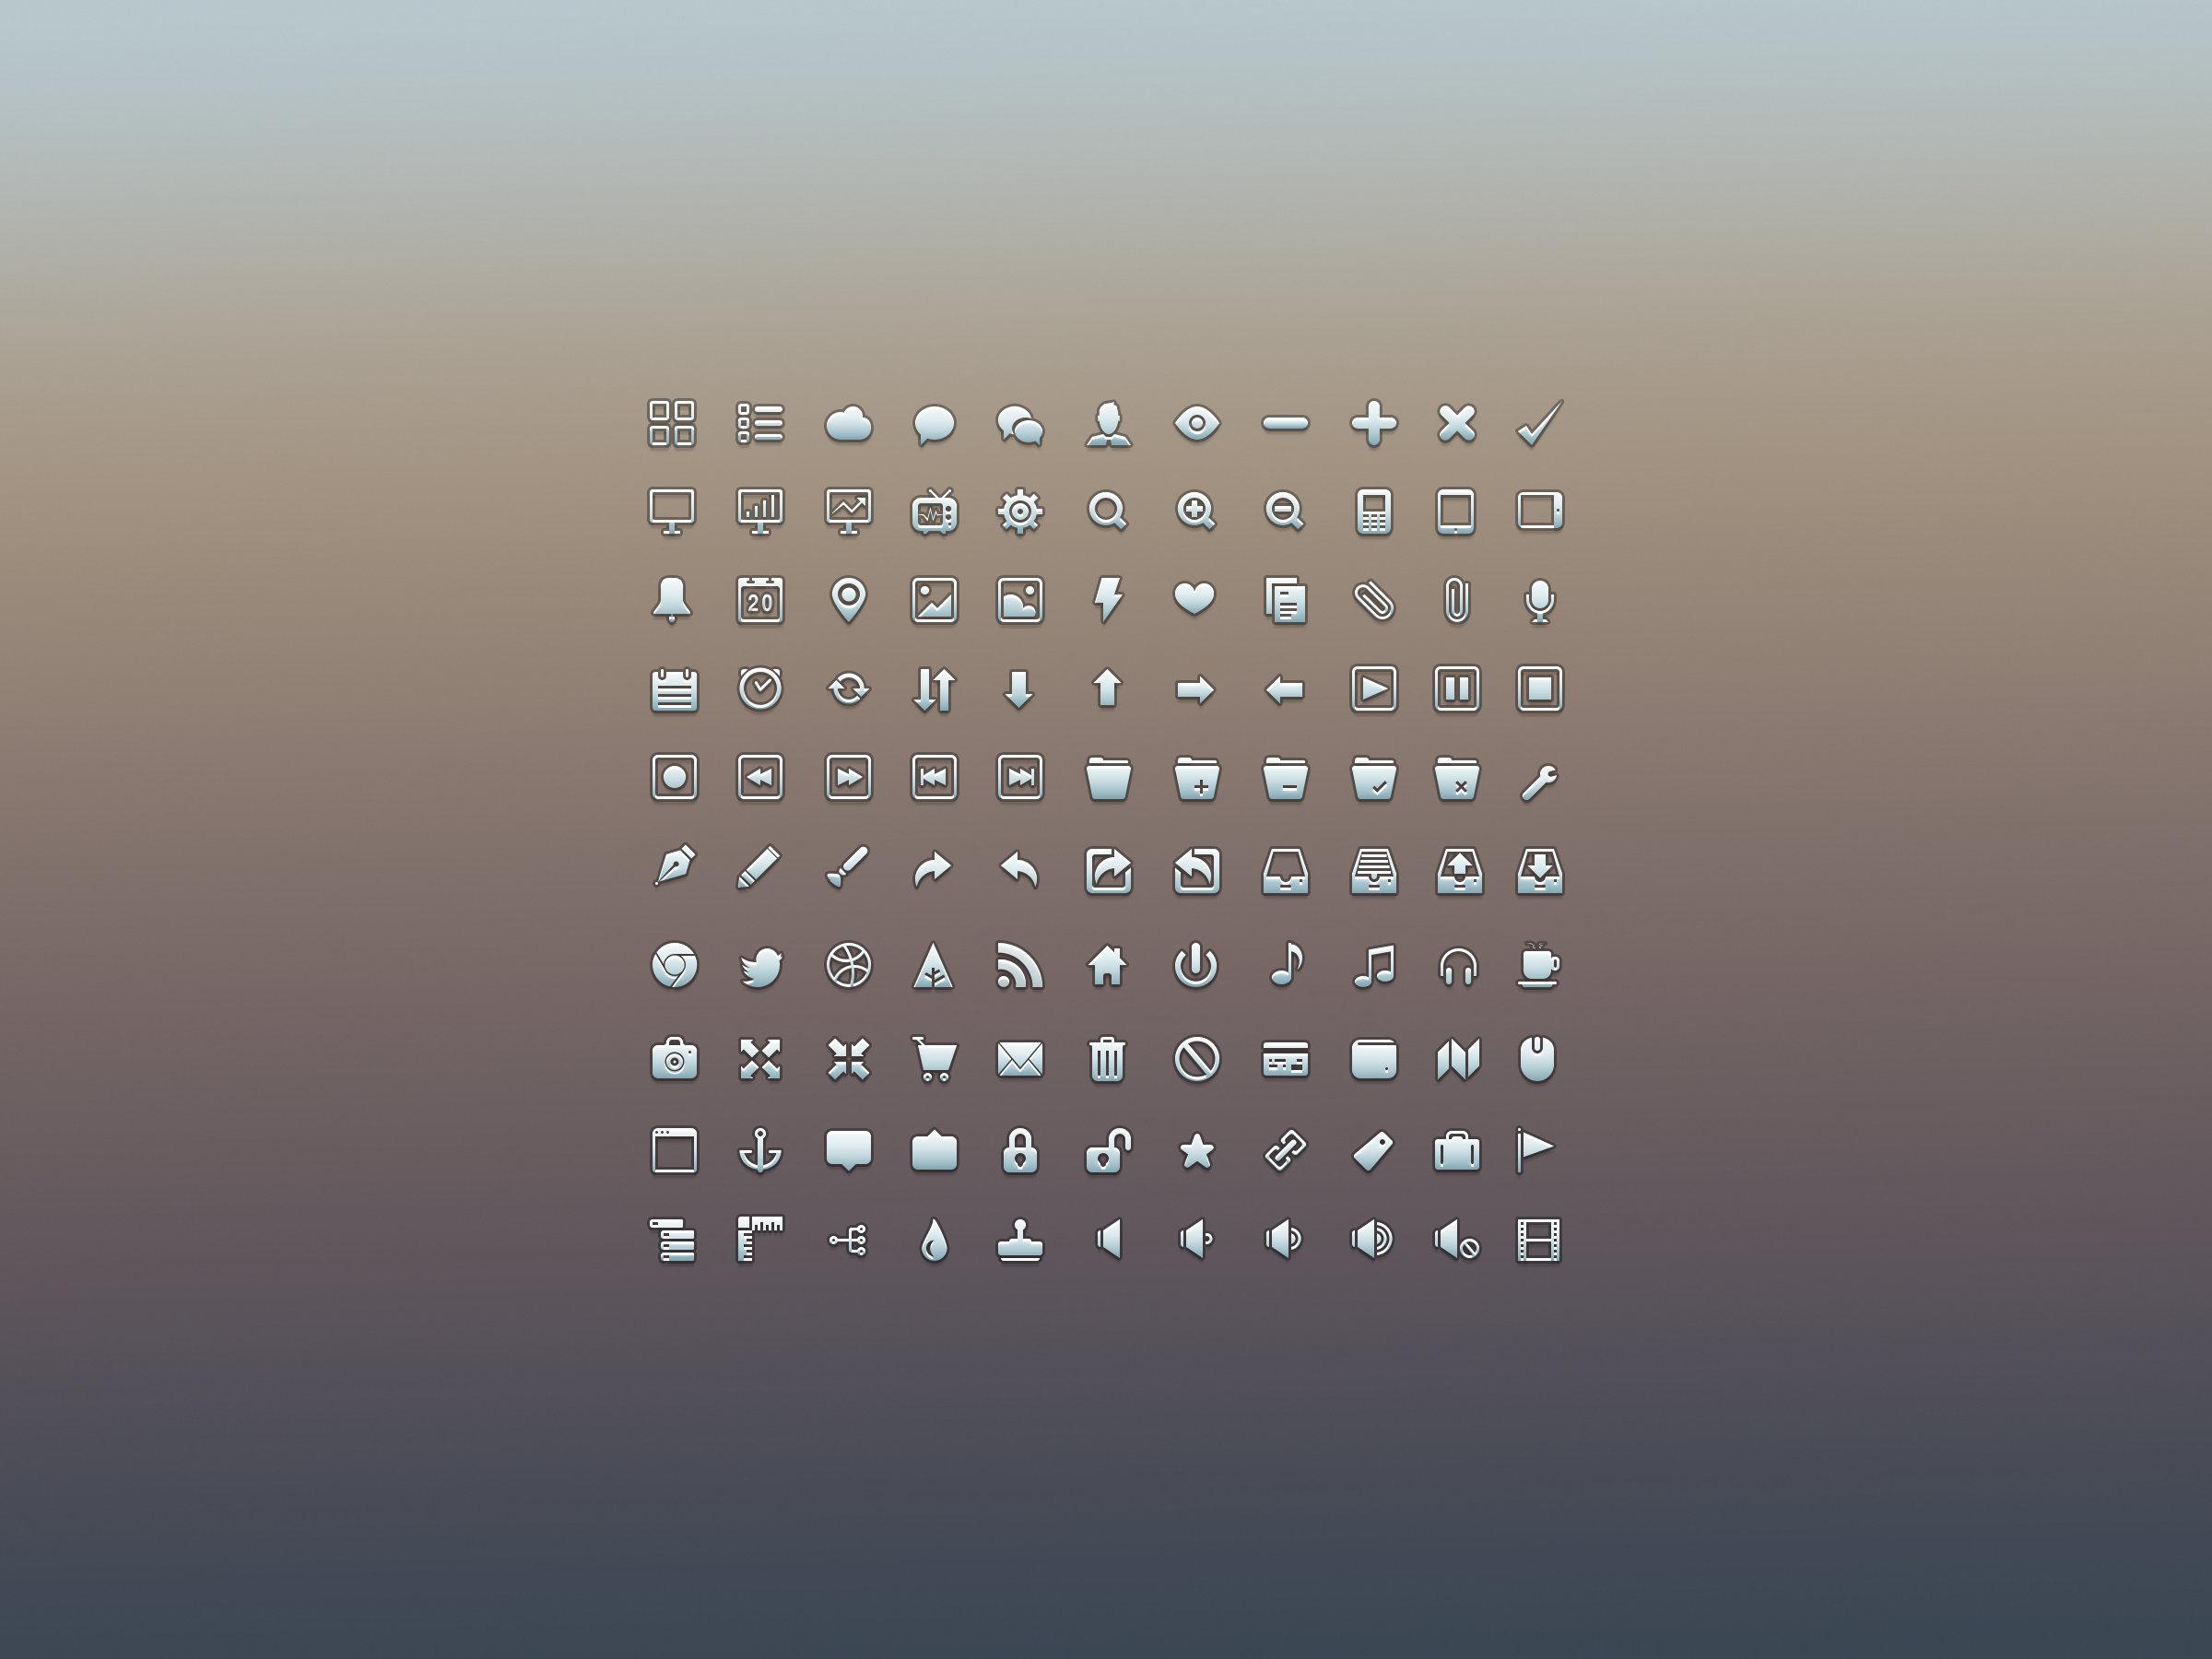 7套典藏优质ICON下载 - 优设-UISDC